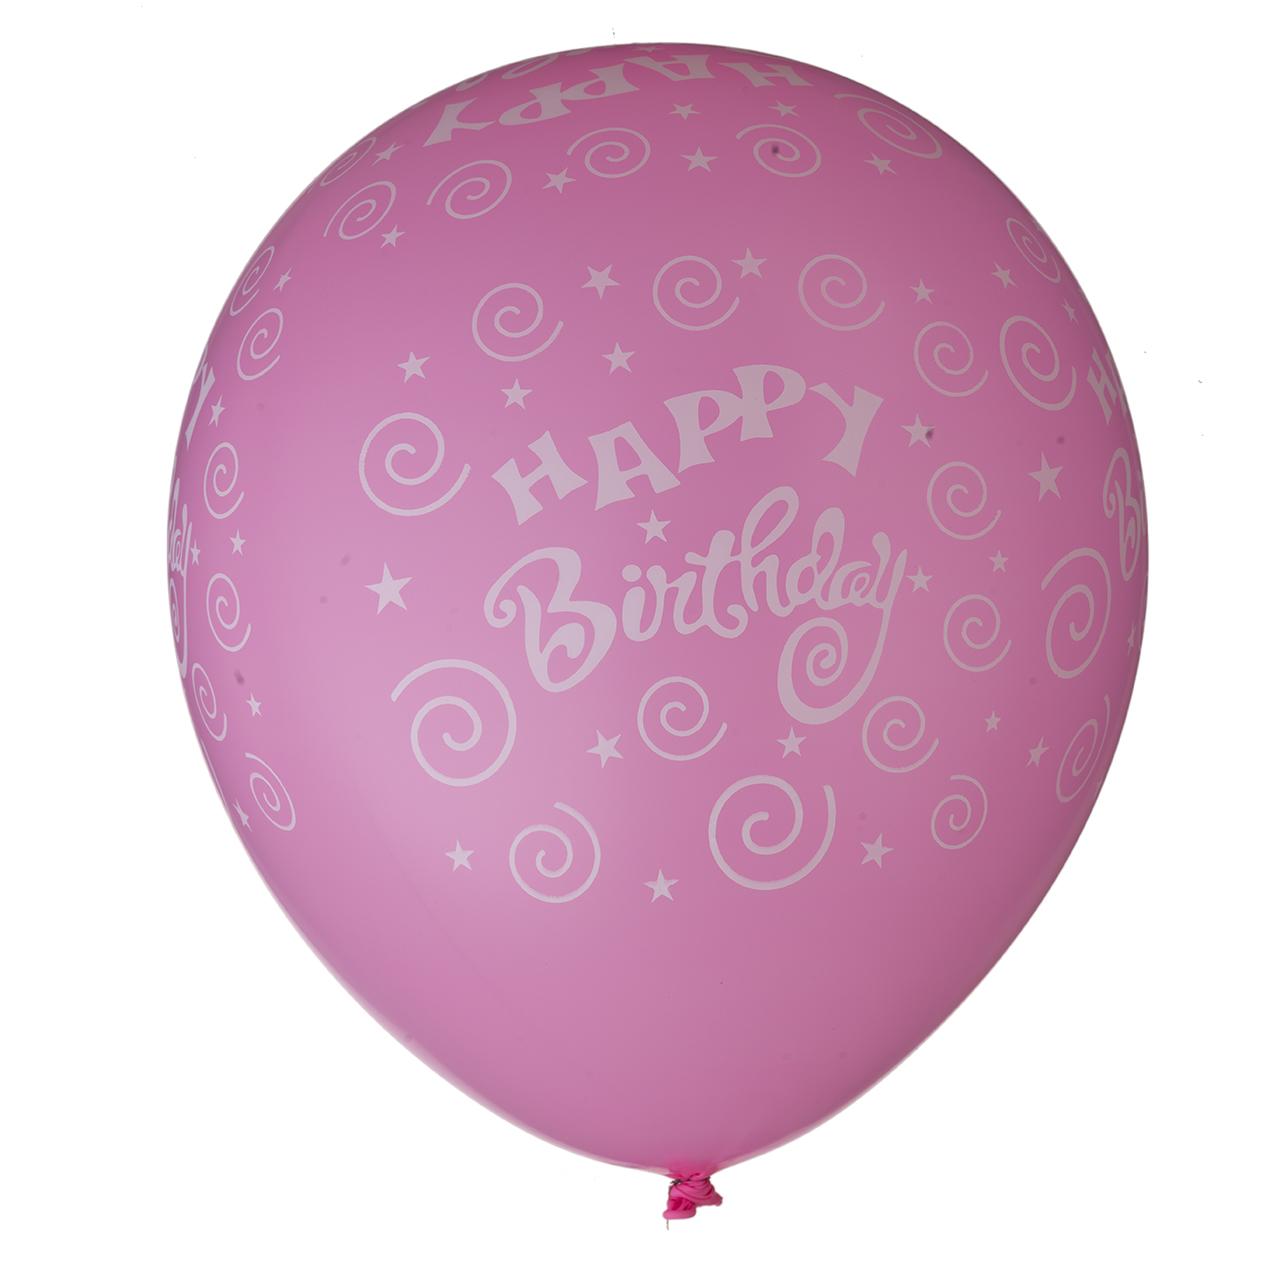 خرید                     بادکنک طرح تولد مبارک کد m 492 بسته 12 عددی